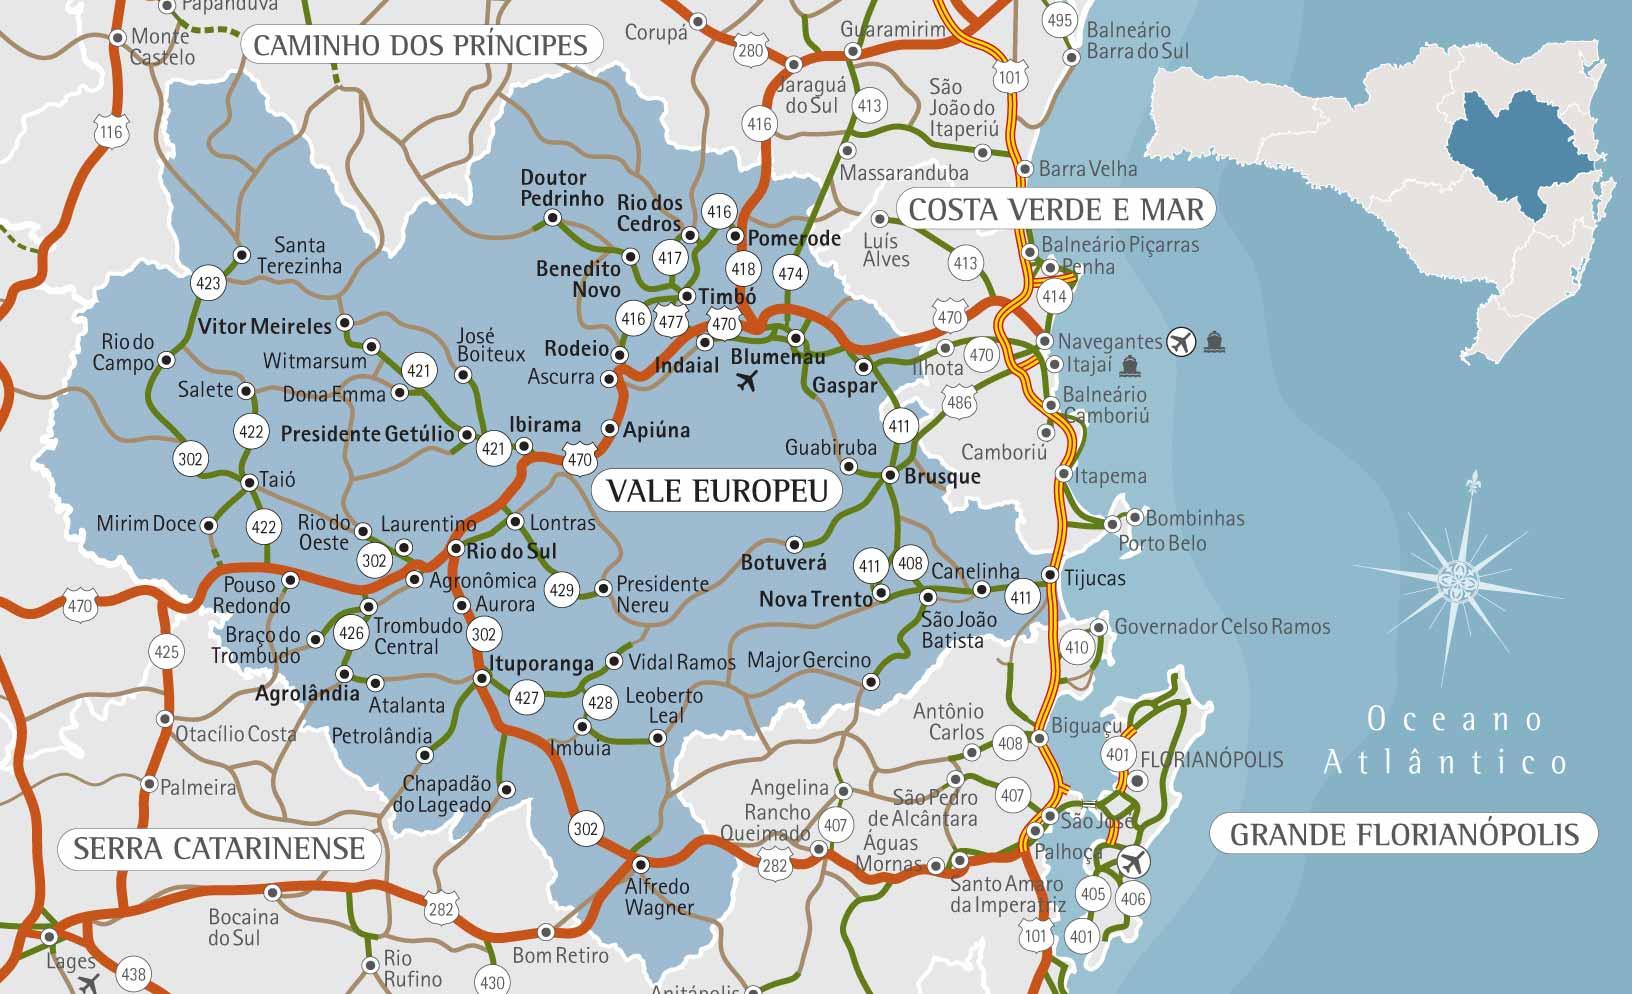 Circuito Vale Europeu : Passeio vale europeu cicloturismo u da apino turismo